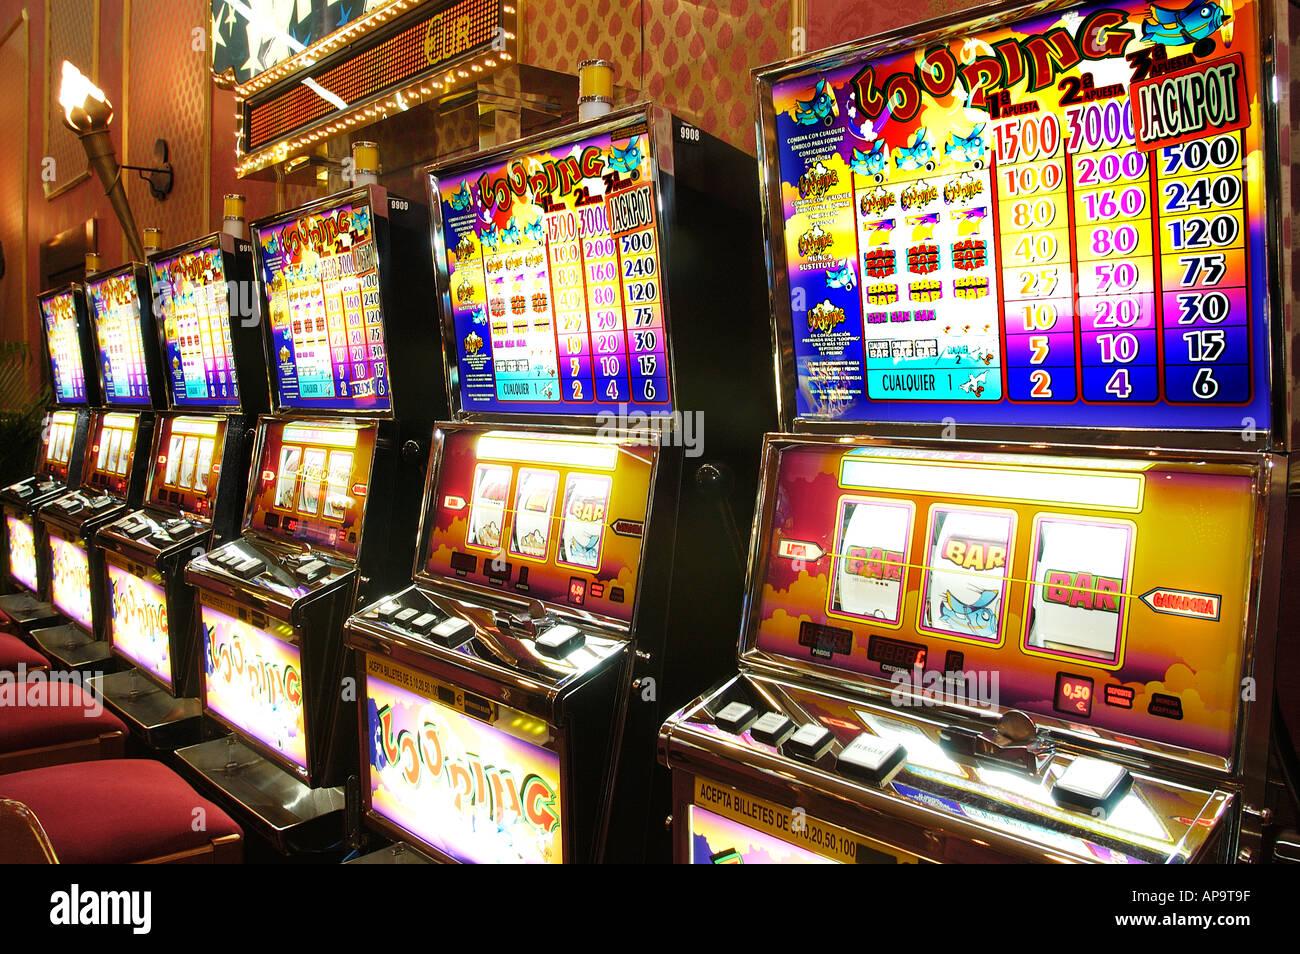 Gambling behaviour in britain